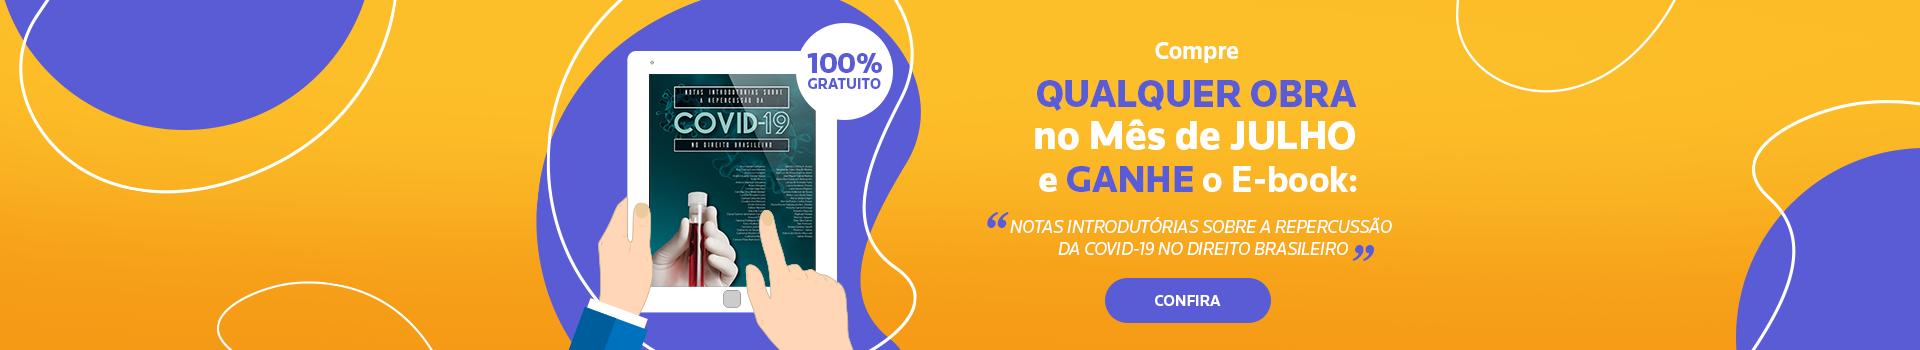 E-book Gratuito - Brinde